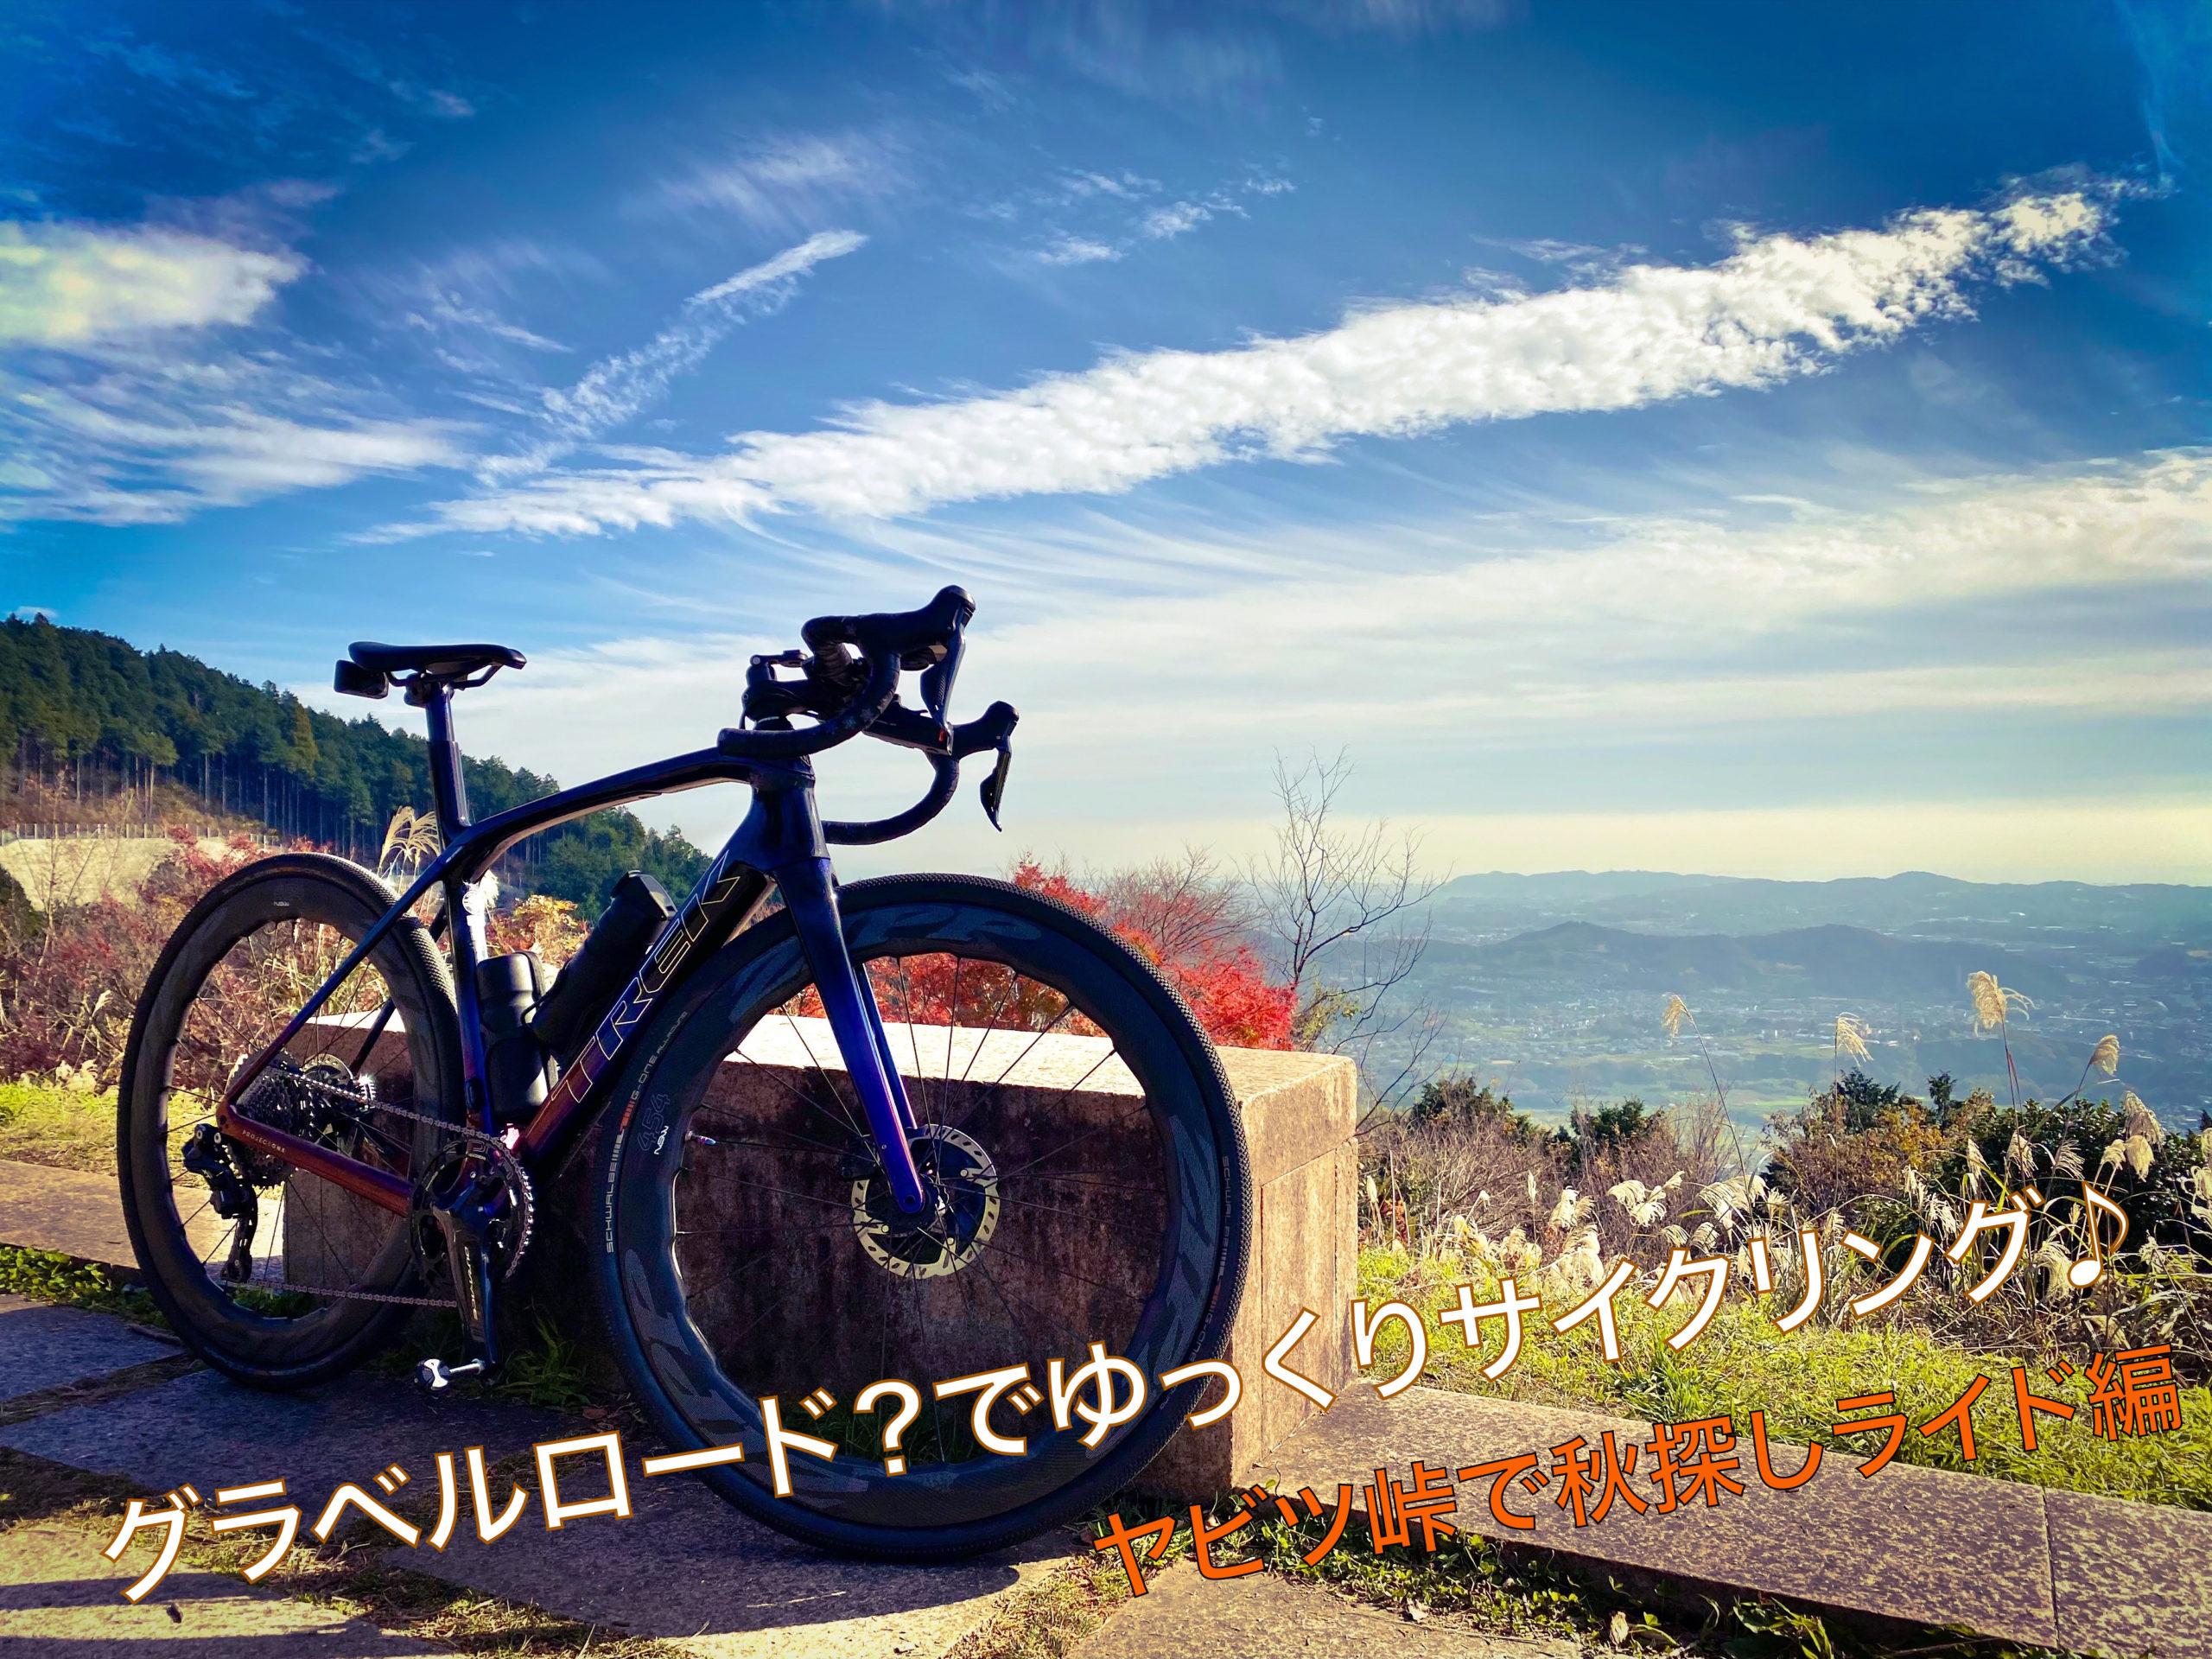 秋空サイクリング 〜グラベルロードでゆっくりと〜